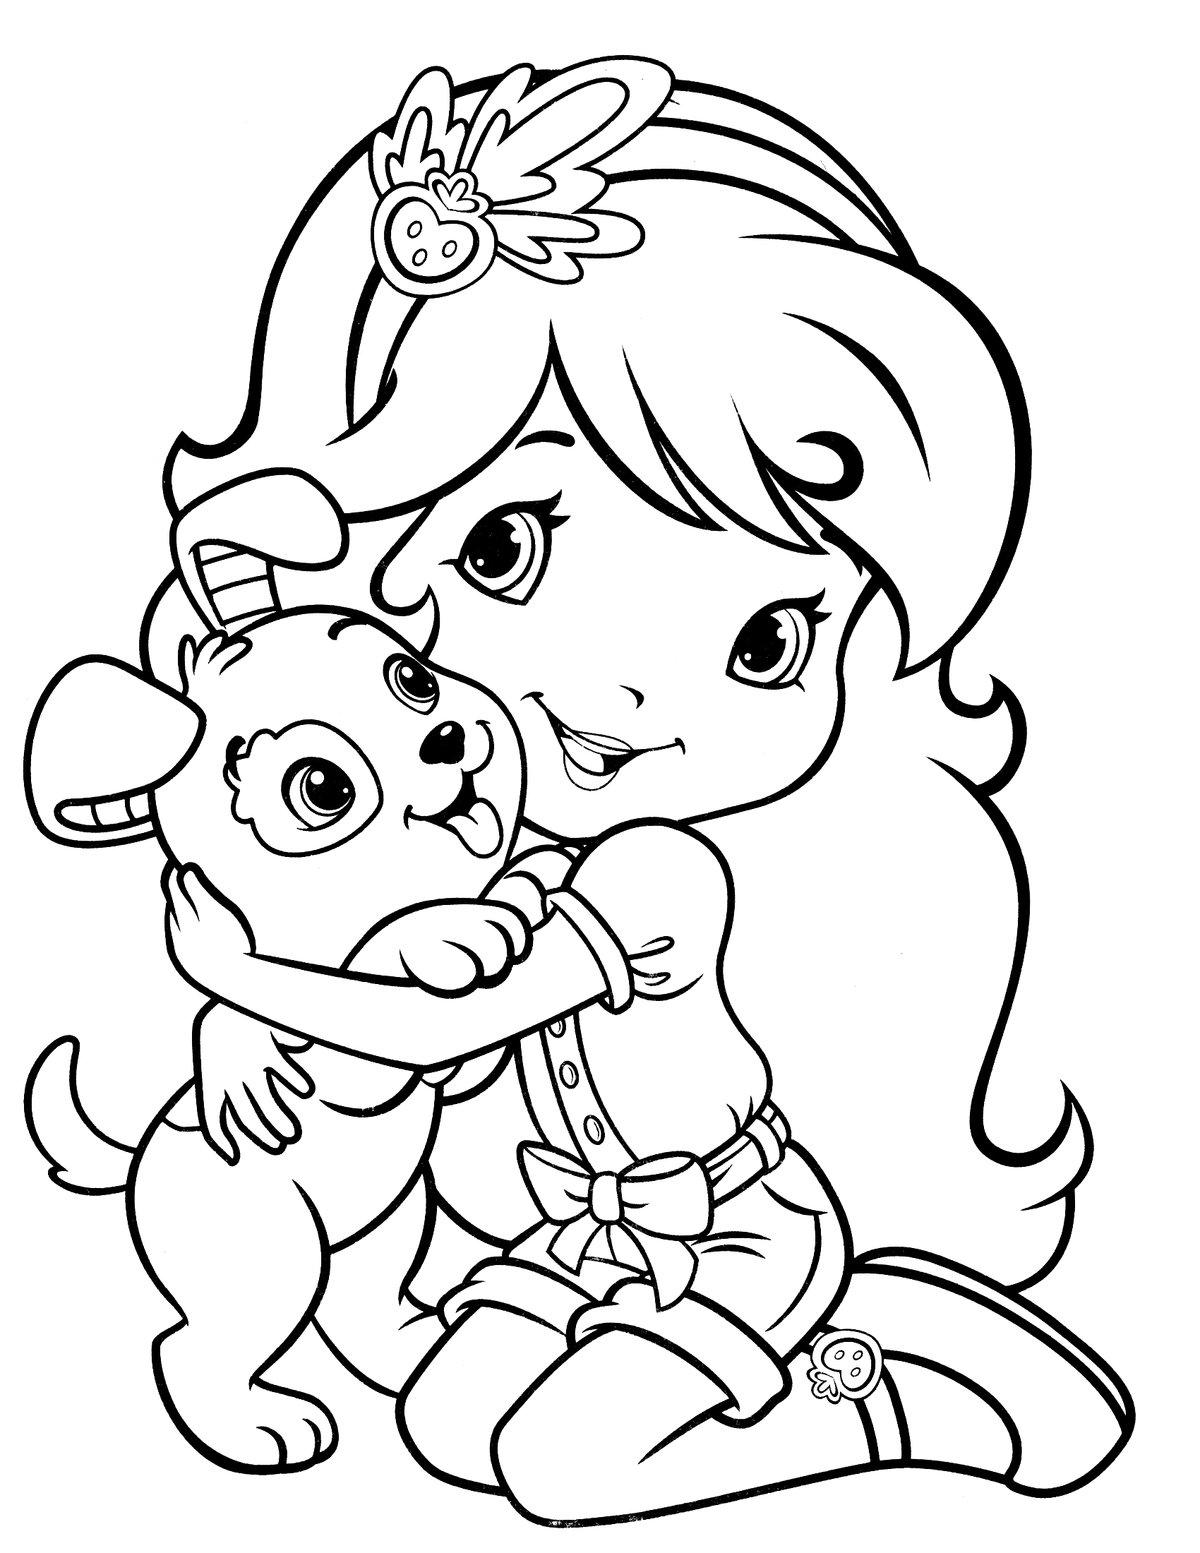 Картинки девочка с собакой раскраска, день рождения бабушке